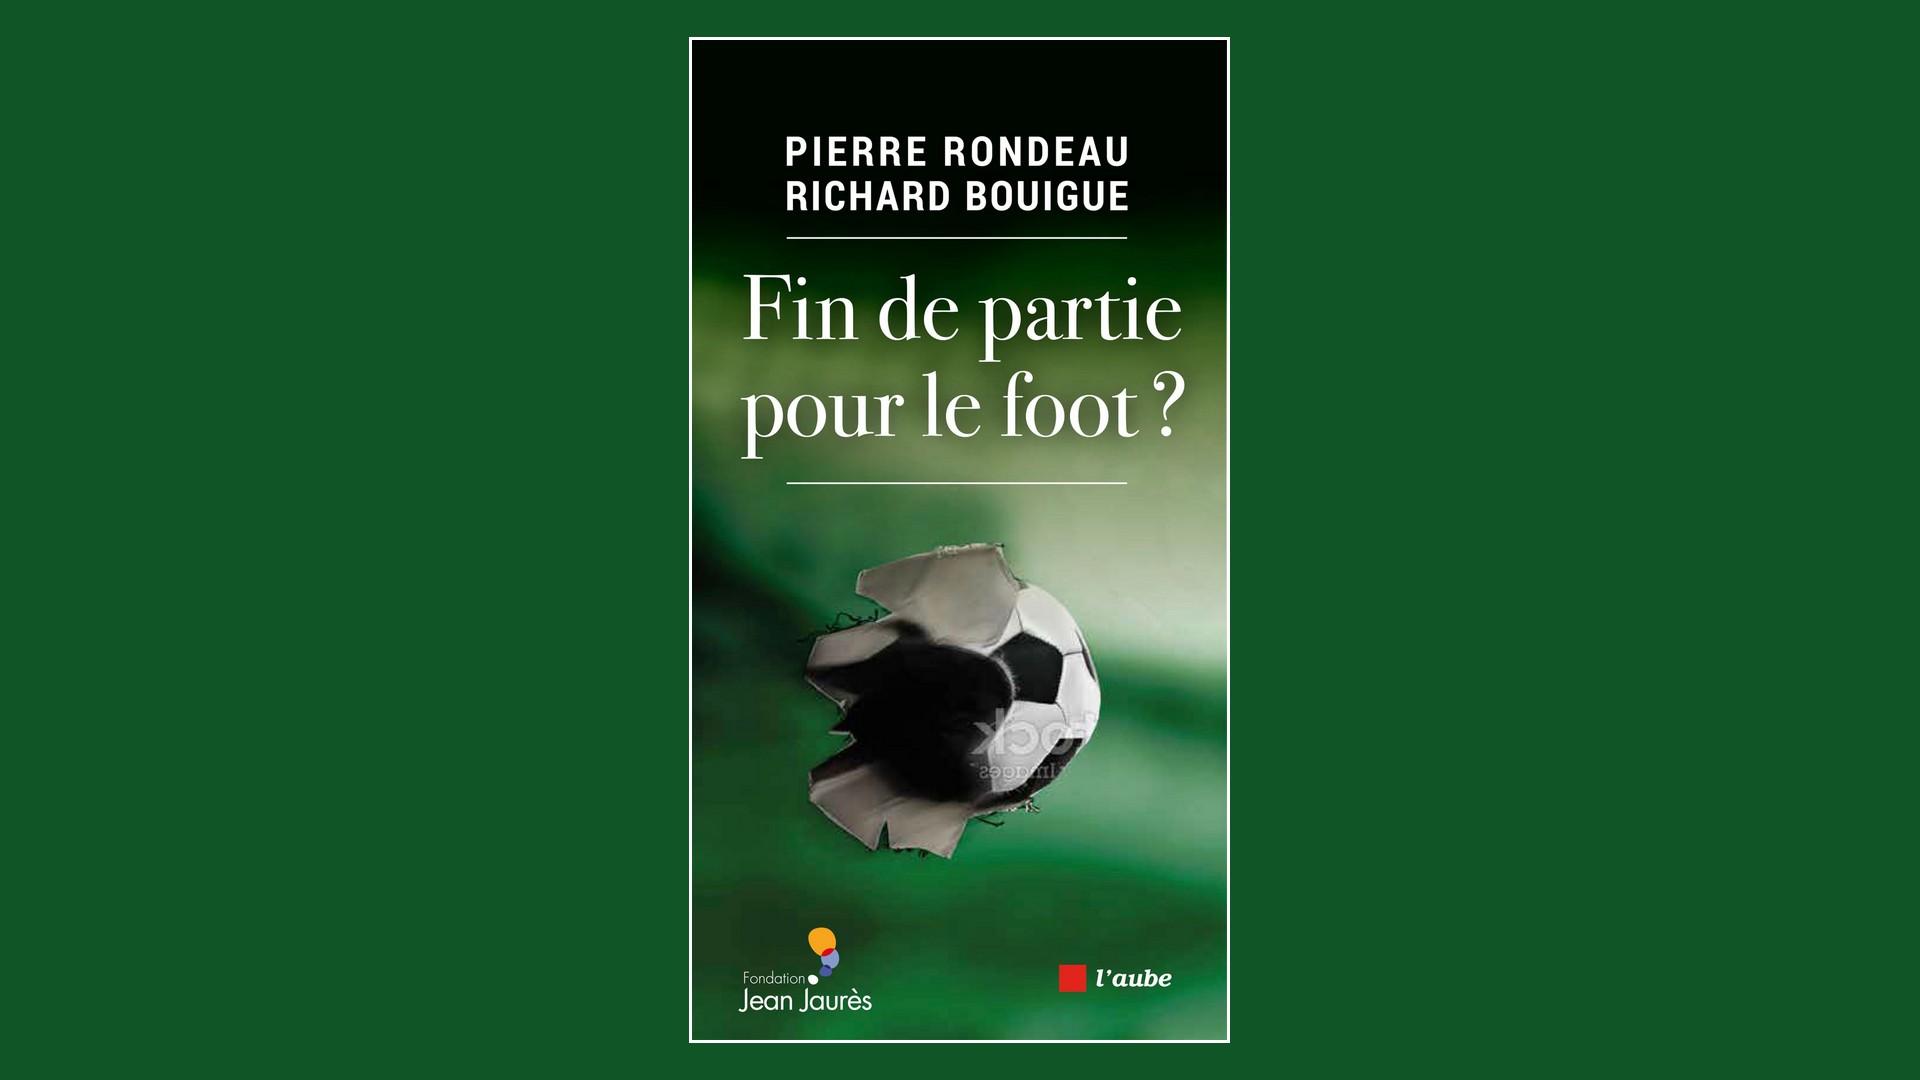 Livres – Fin de partie pour le foot – Pierre Rondeau (2021)